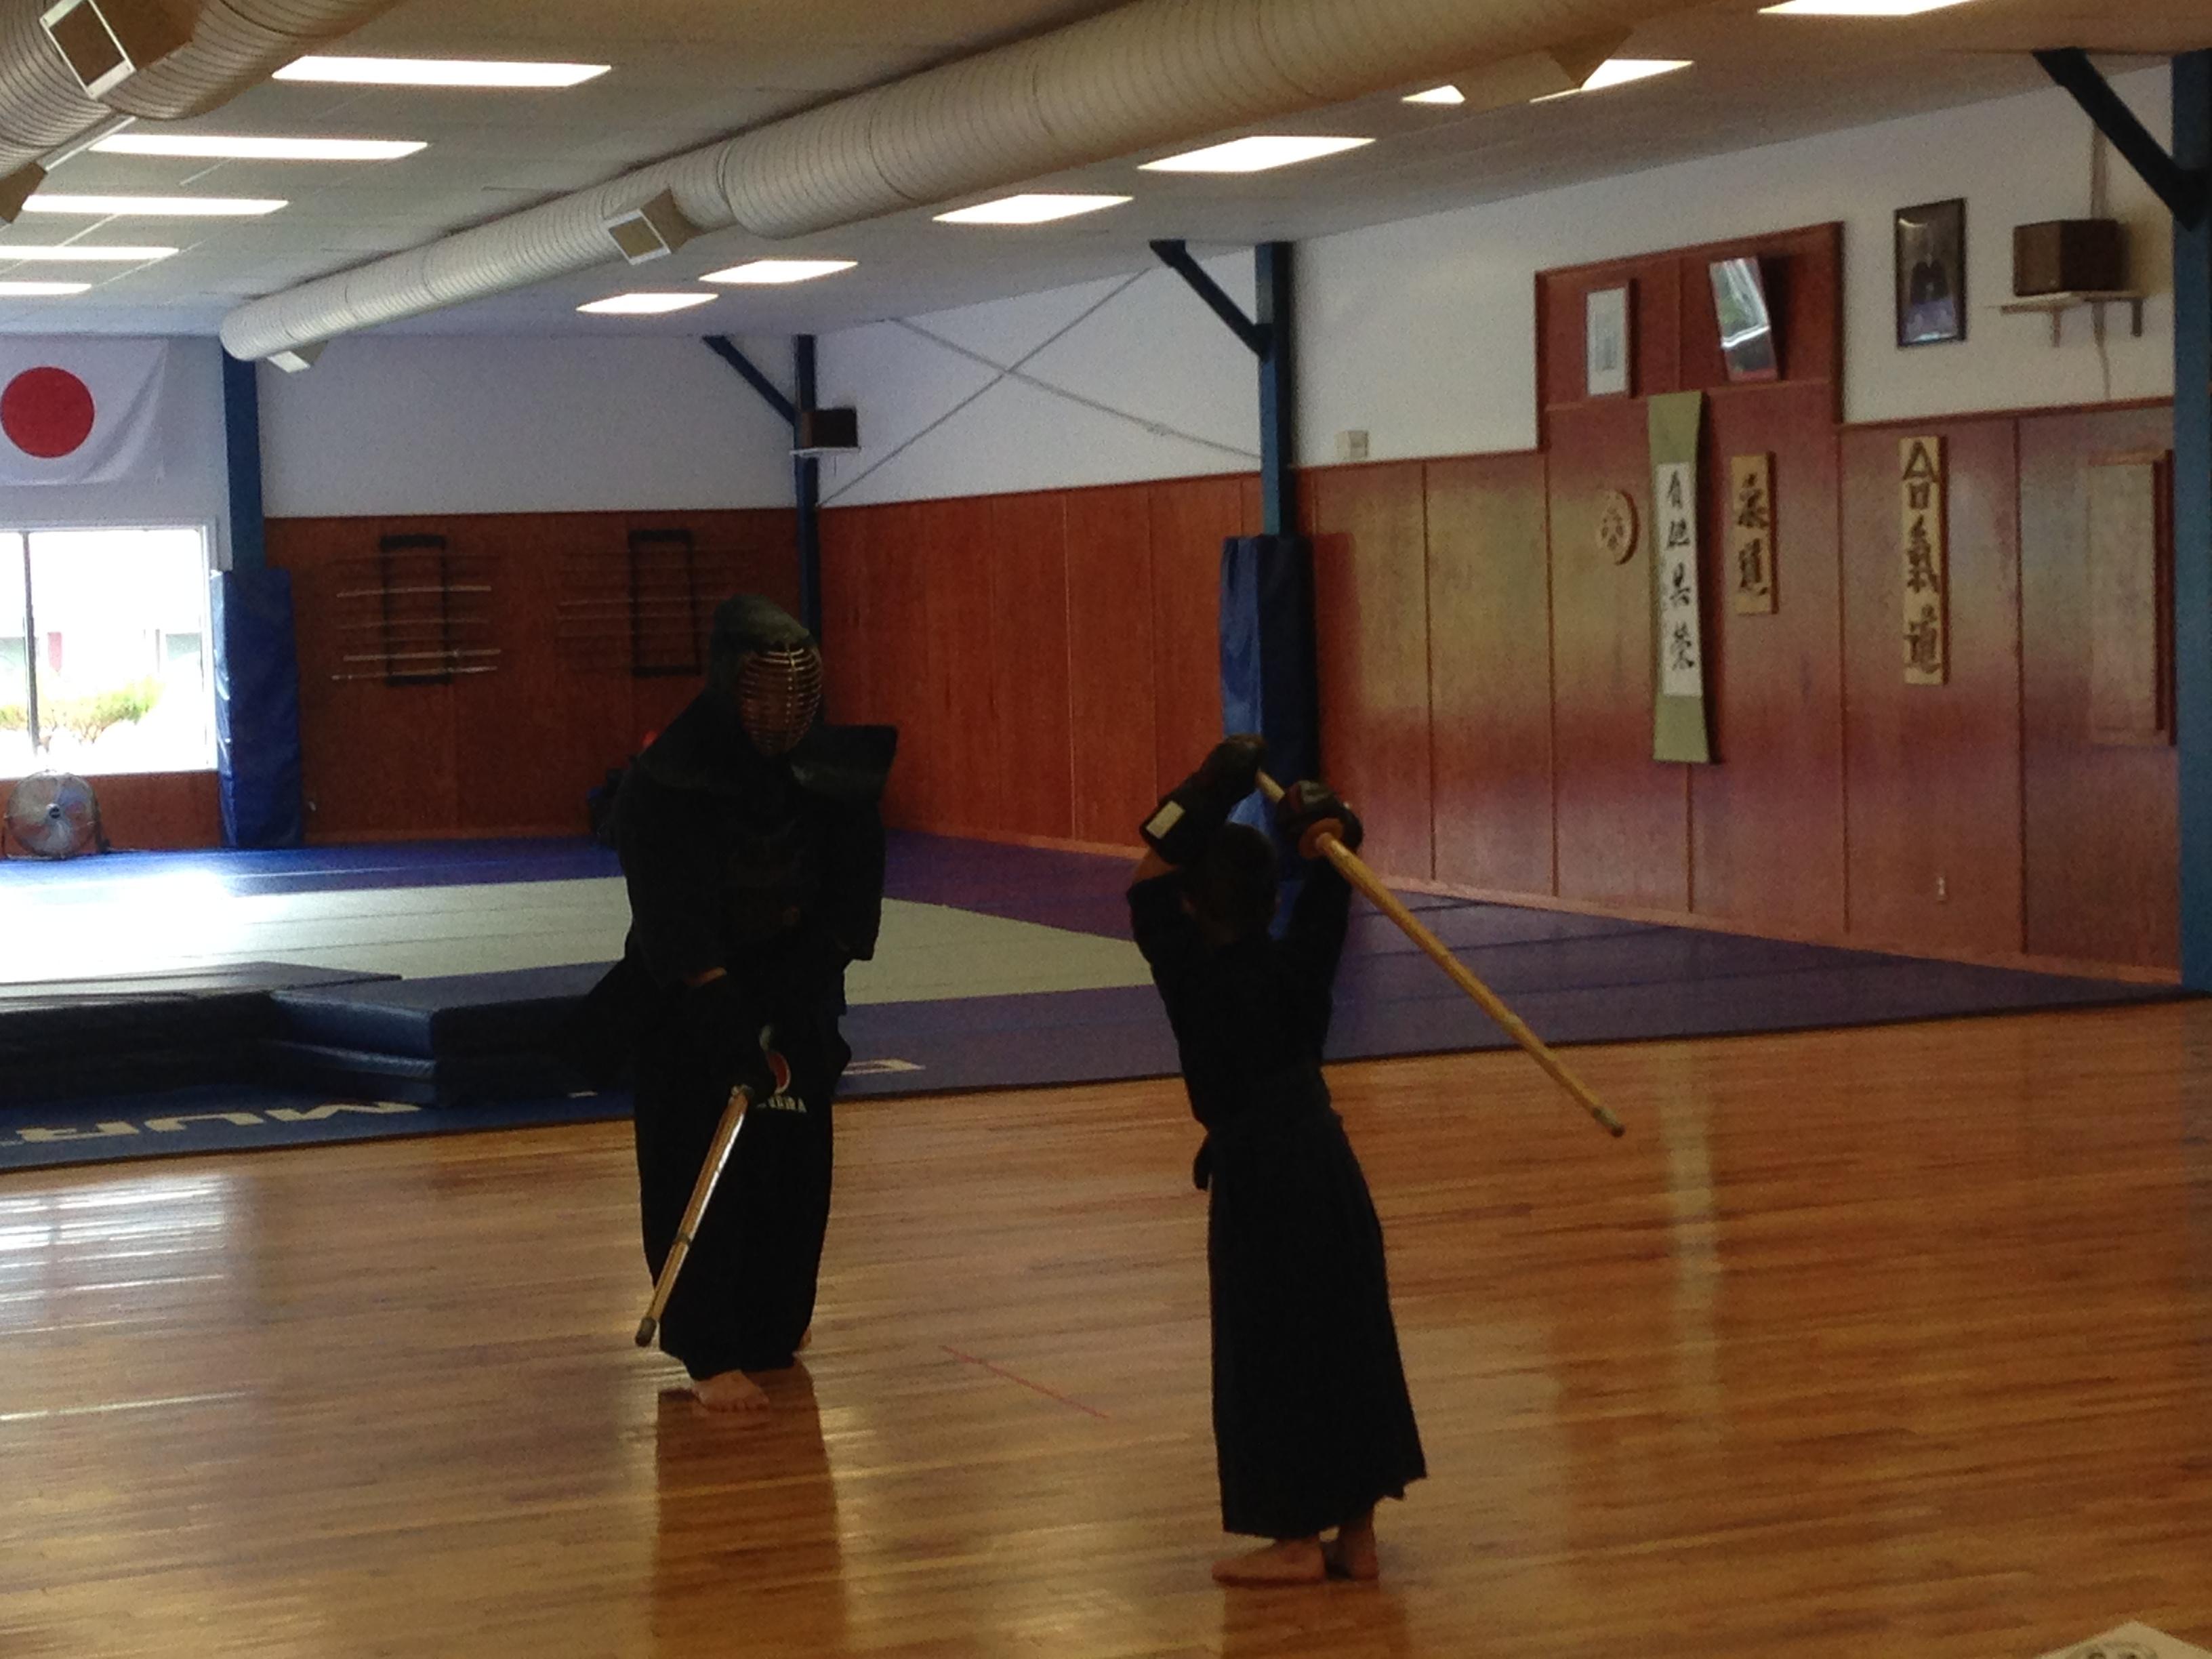 Kendo practice